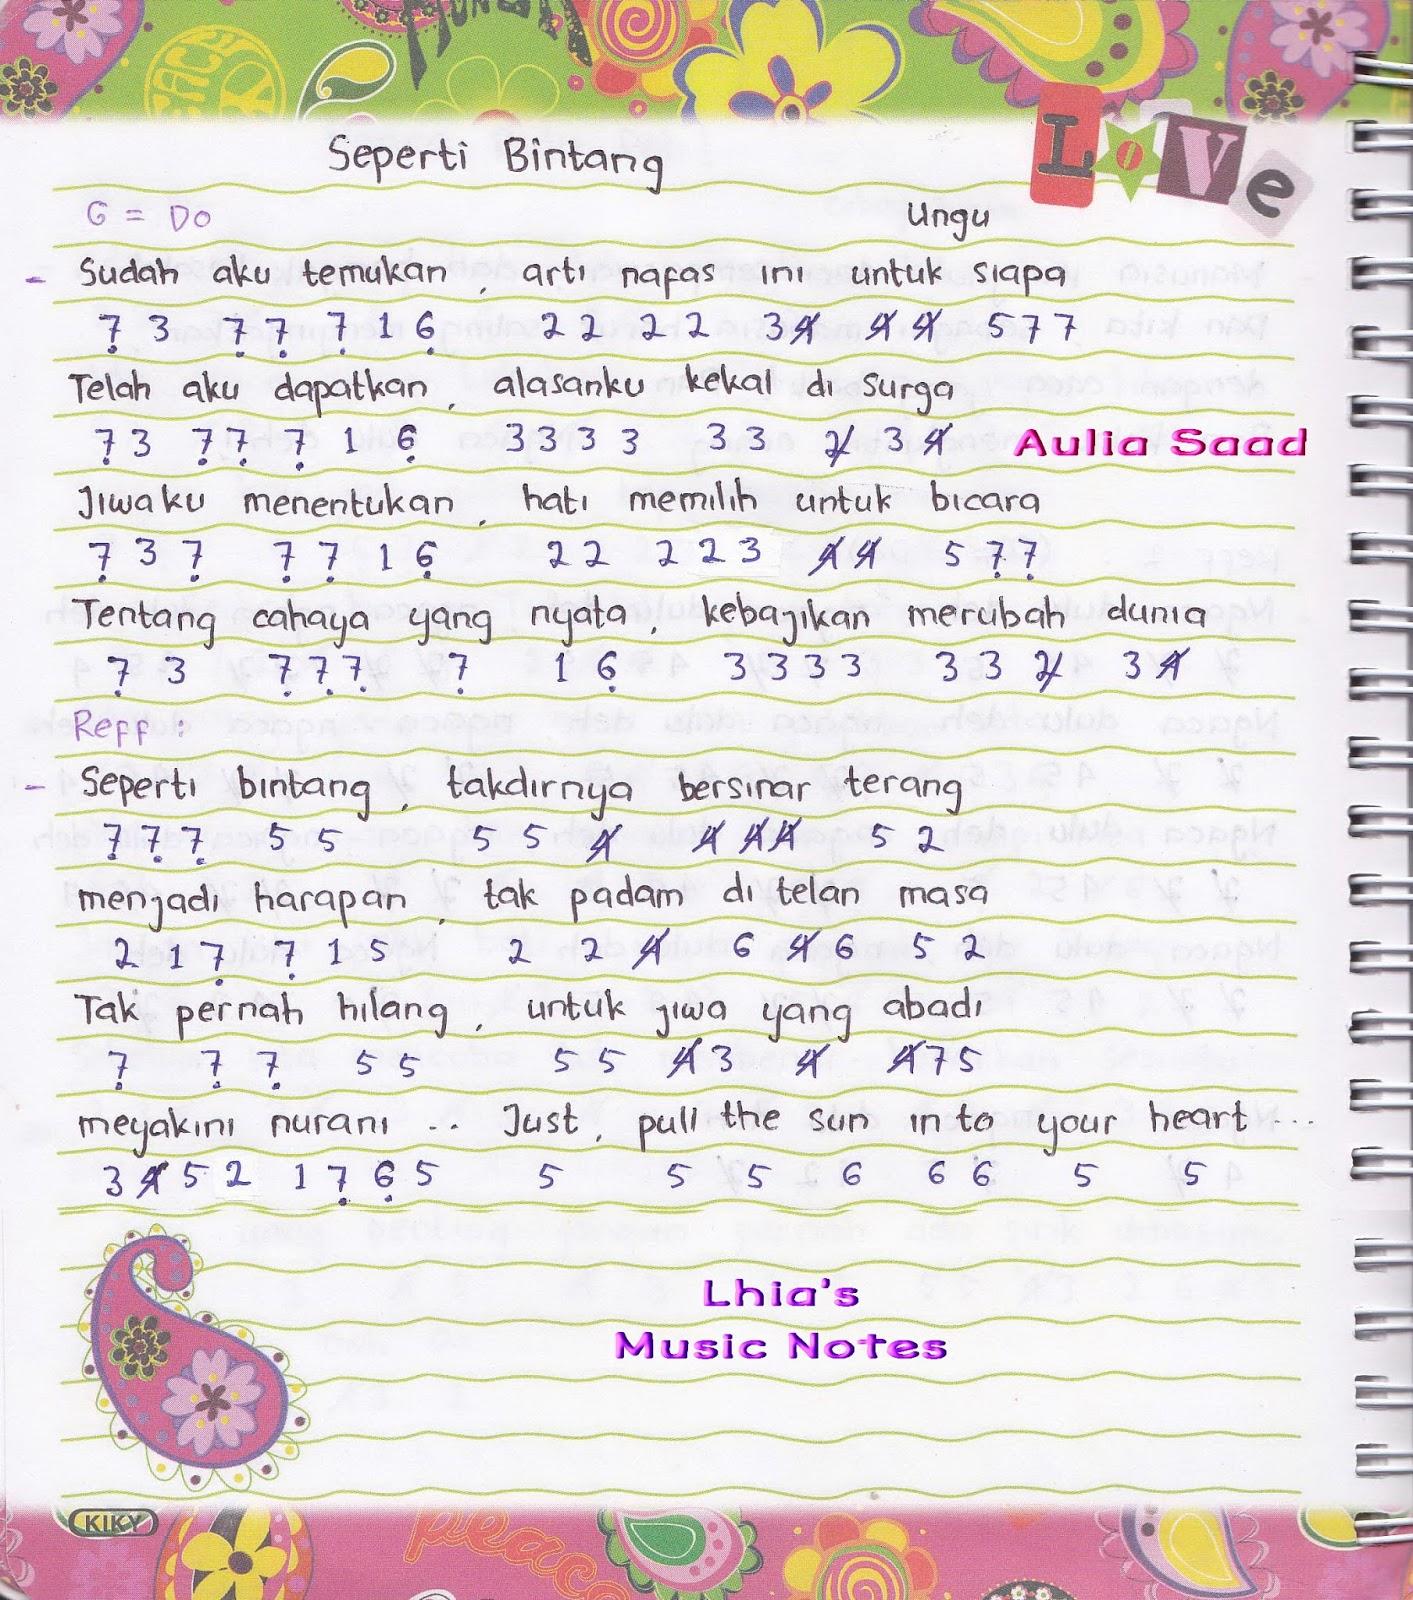 Not Angka Utopia Seperti Bintang Lhia S Music Notes Cute766